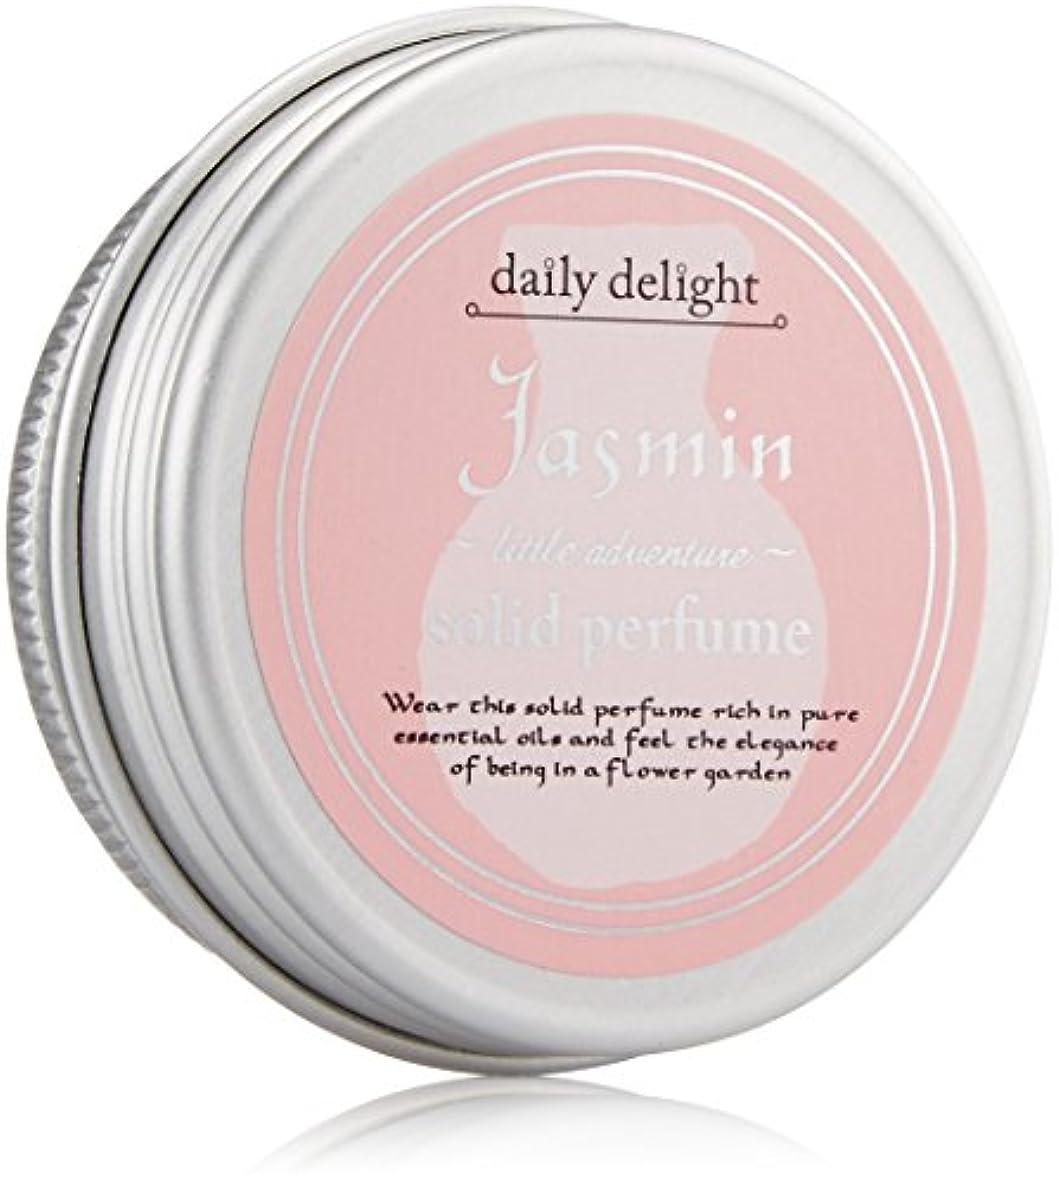 ナインへヨーロッパ上陸デイリーディライト 練り香水 ジャスミン  10g(香水 携帯用 ソリッドパフューム アルコールフリー 奥深く魅了されるジャスミンの香り)